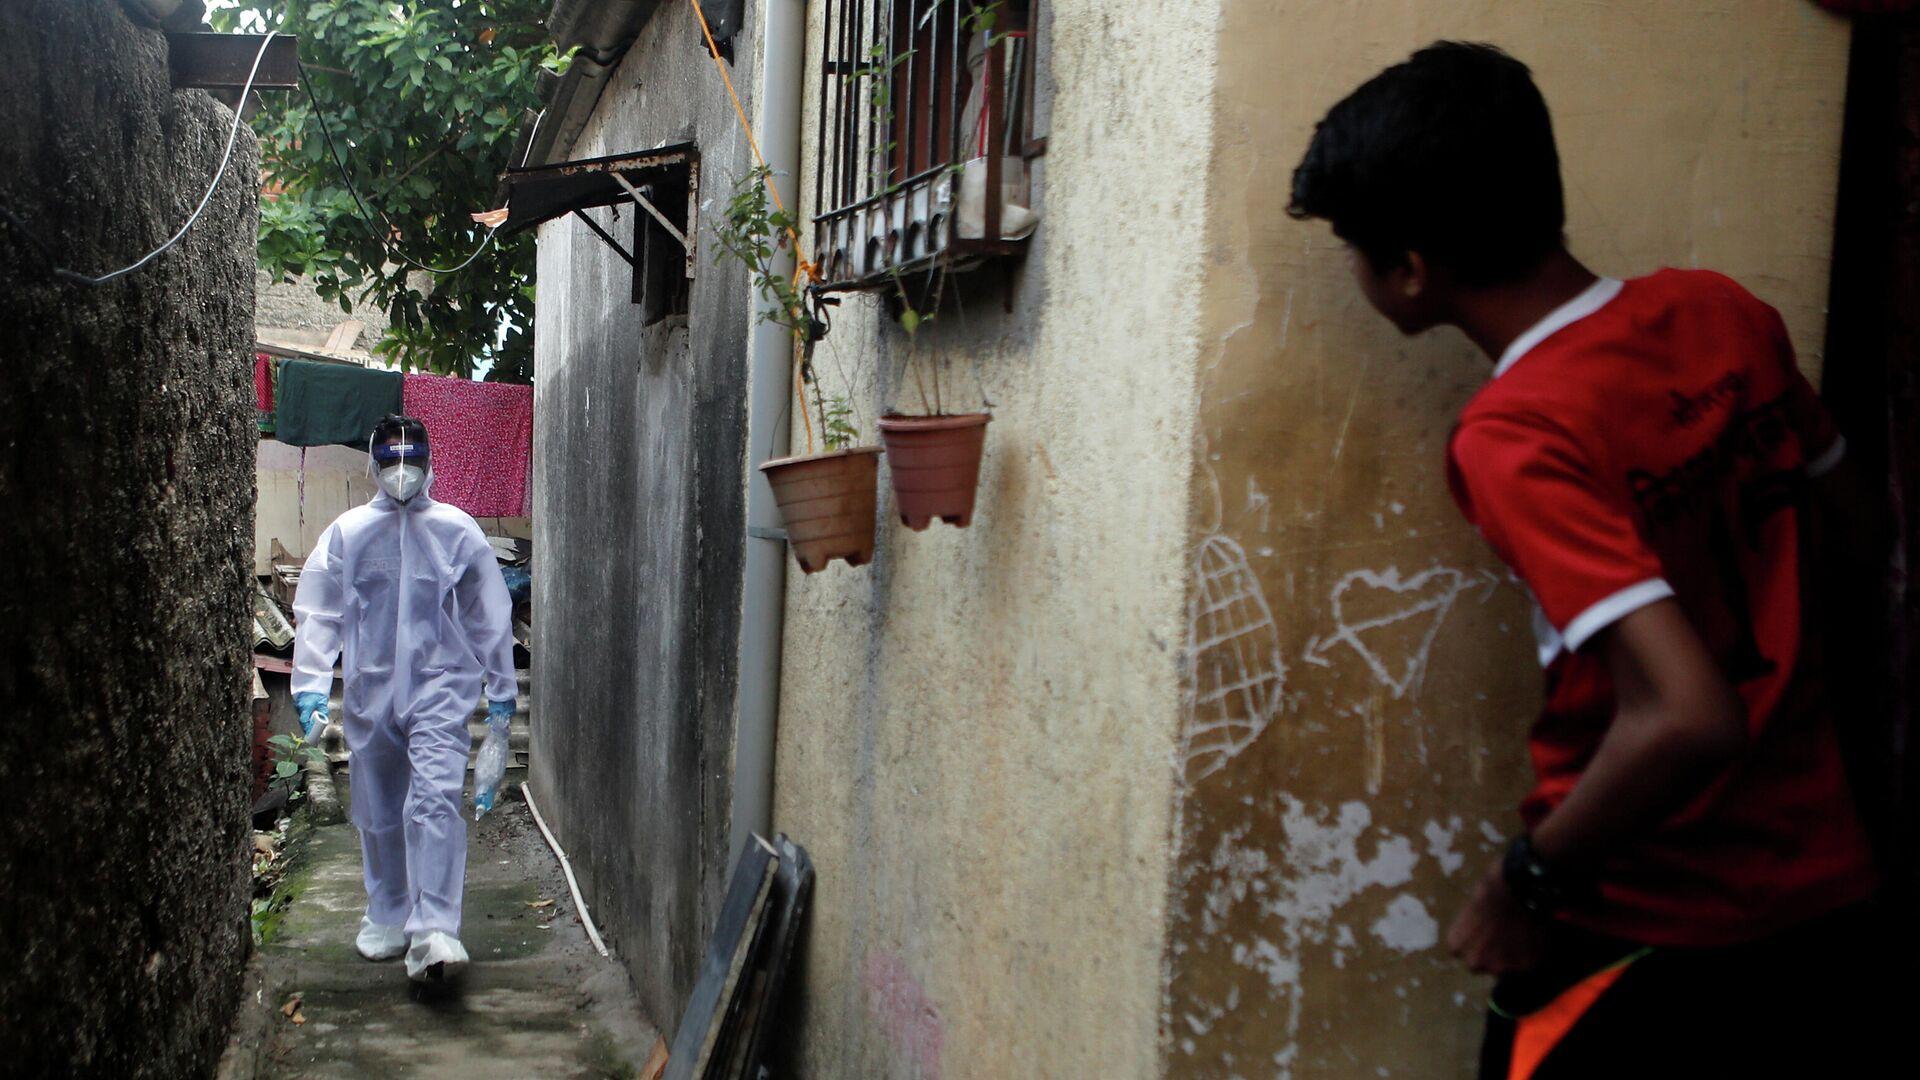 Медицинский работник в защитном костюме идет по улице в Мумбаи, Индия  - РИА Новости, 1920, 07.09.2020